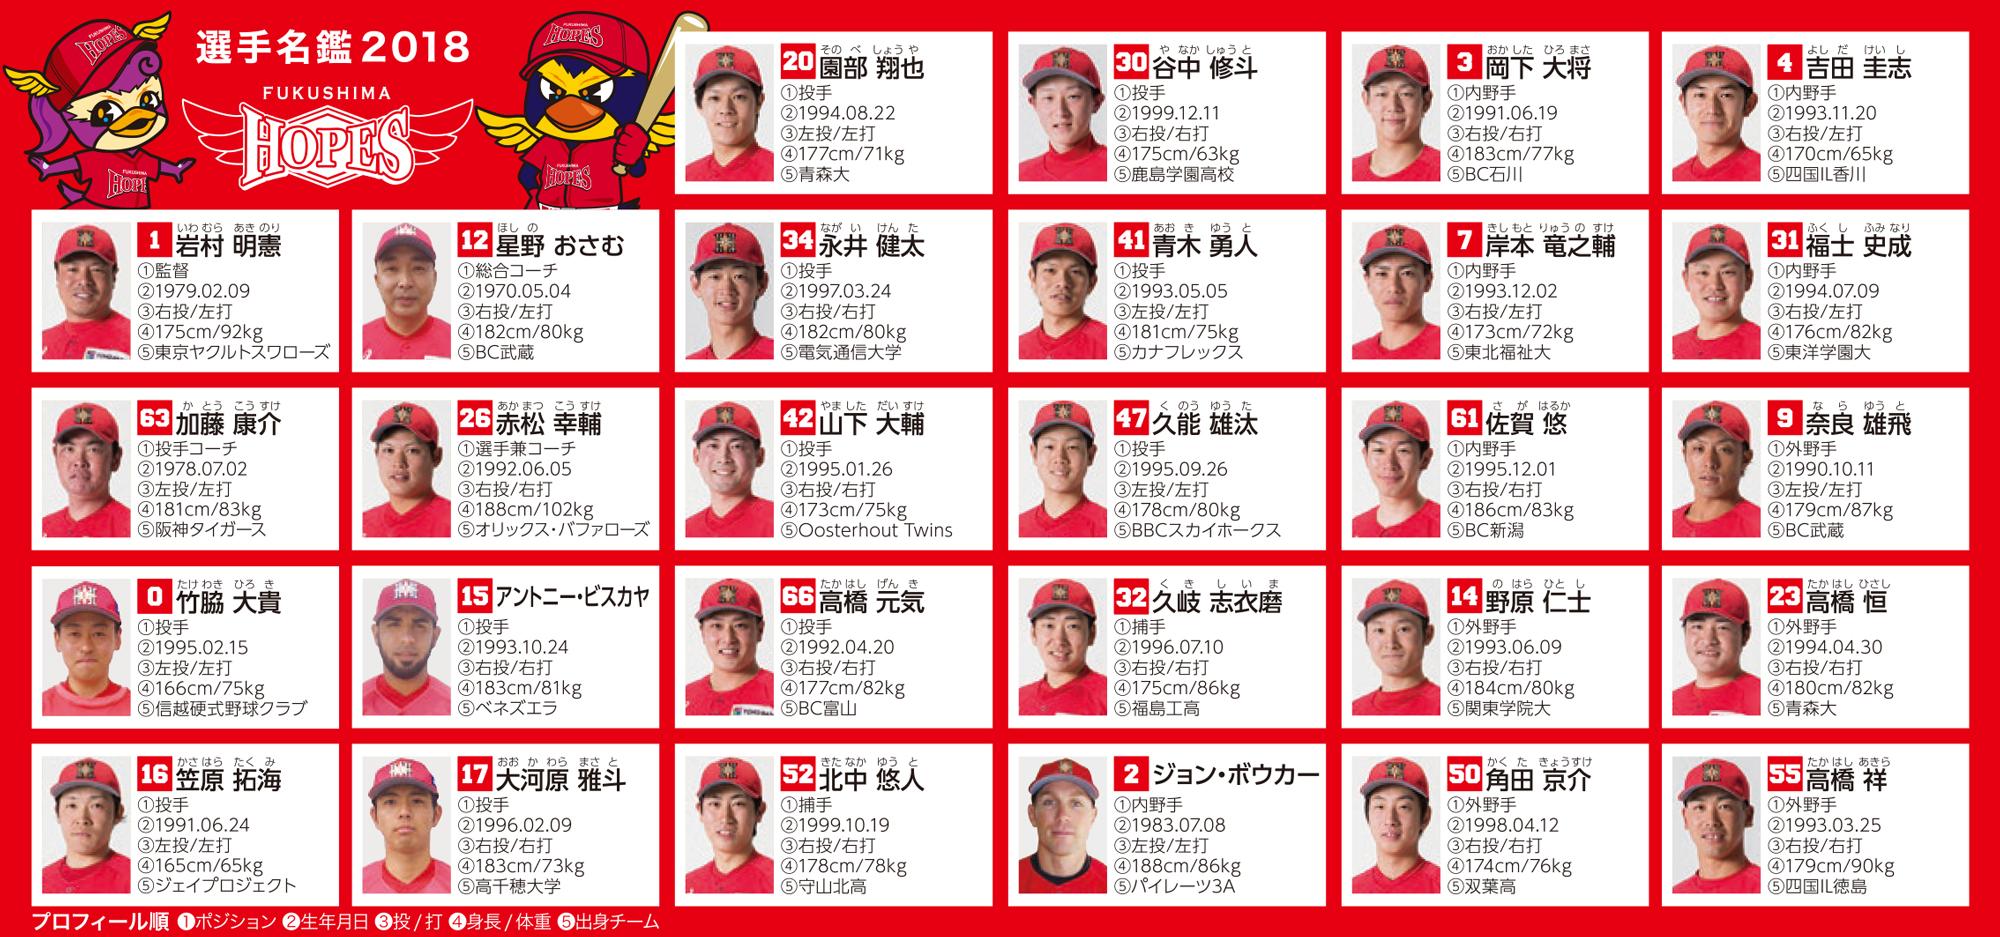 福島ホープス選手一覧2018年